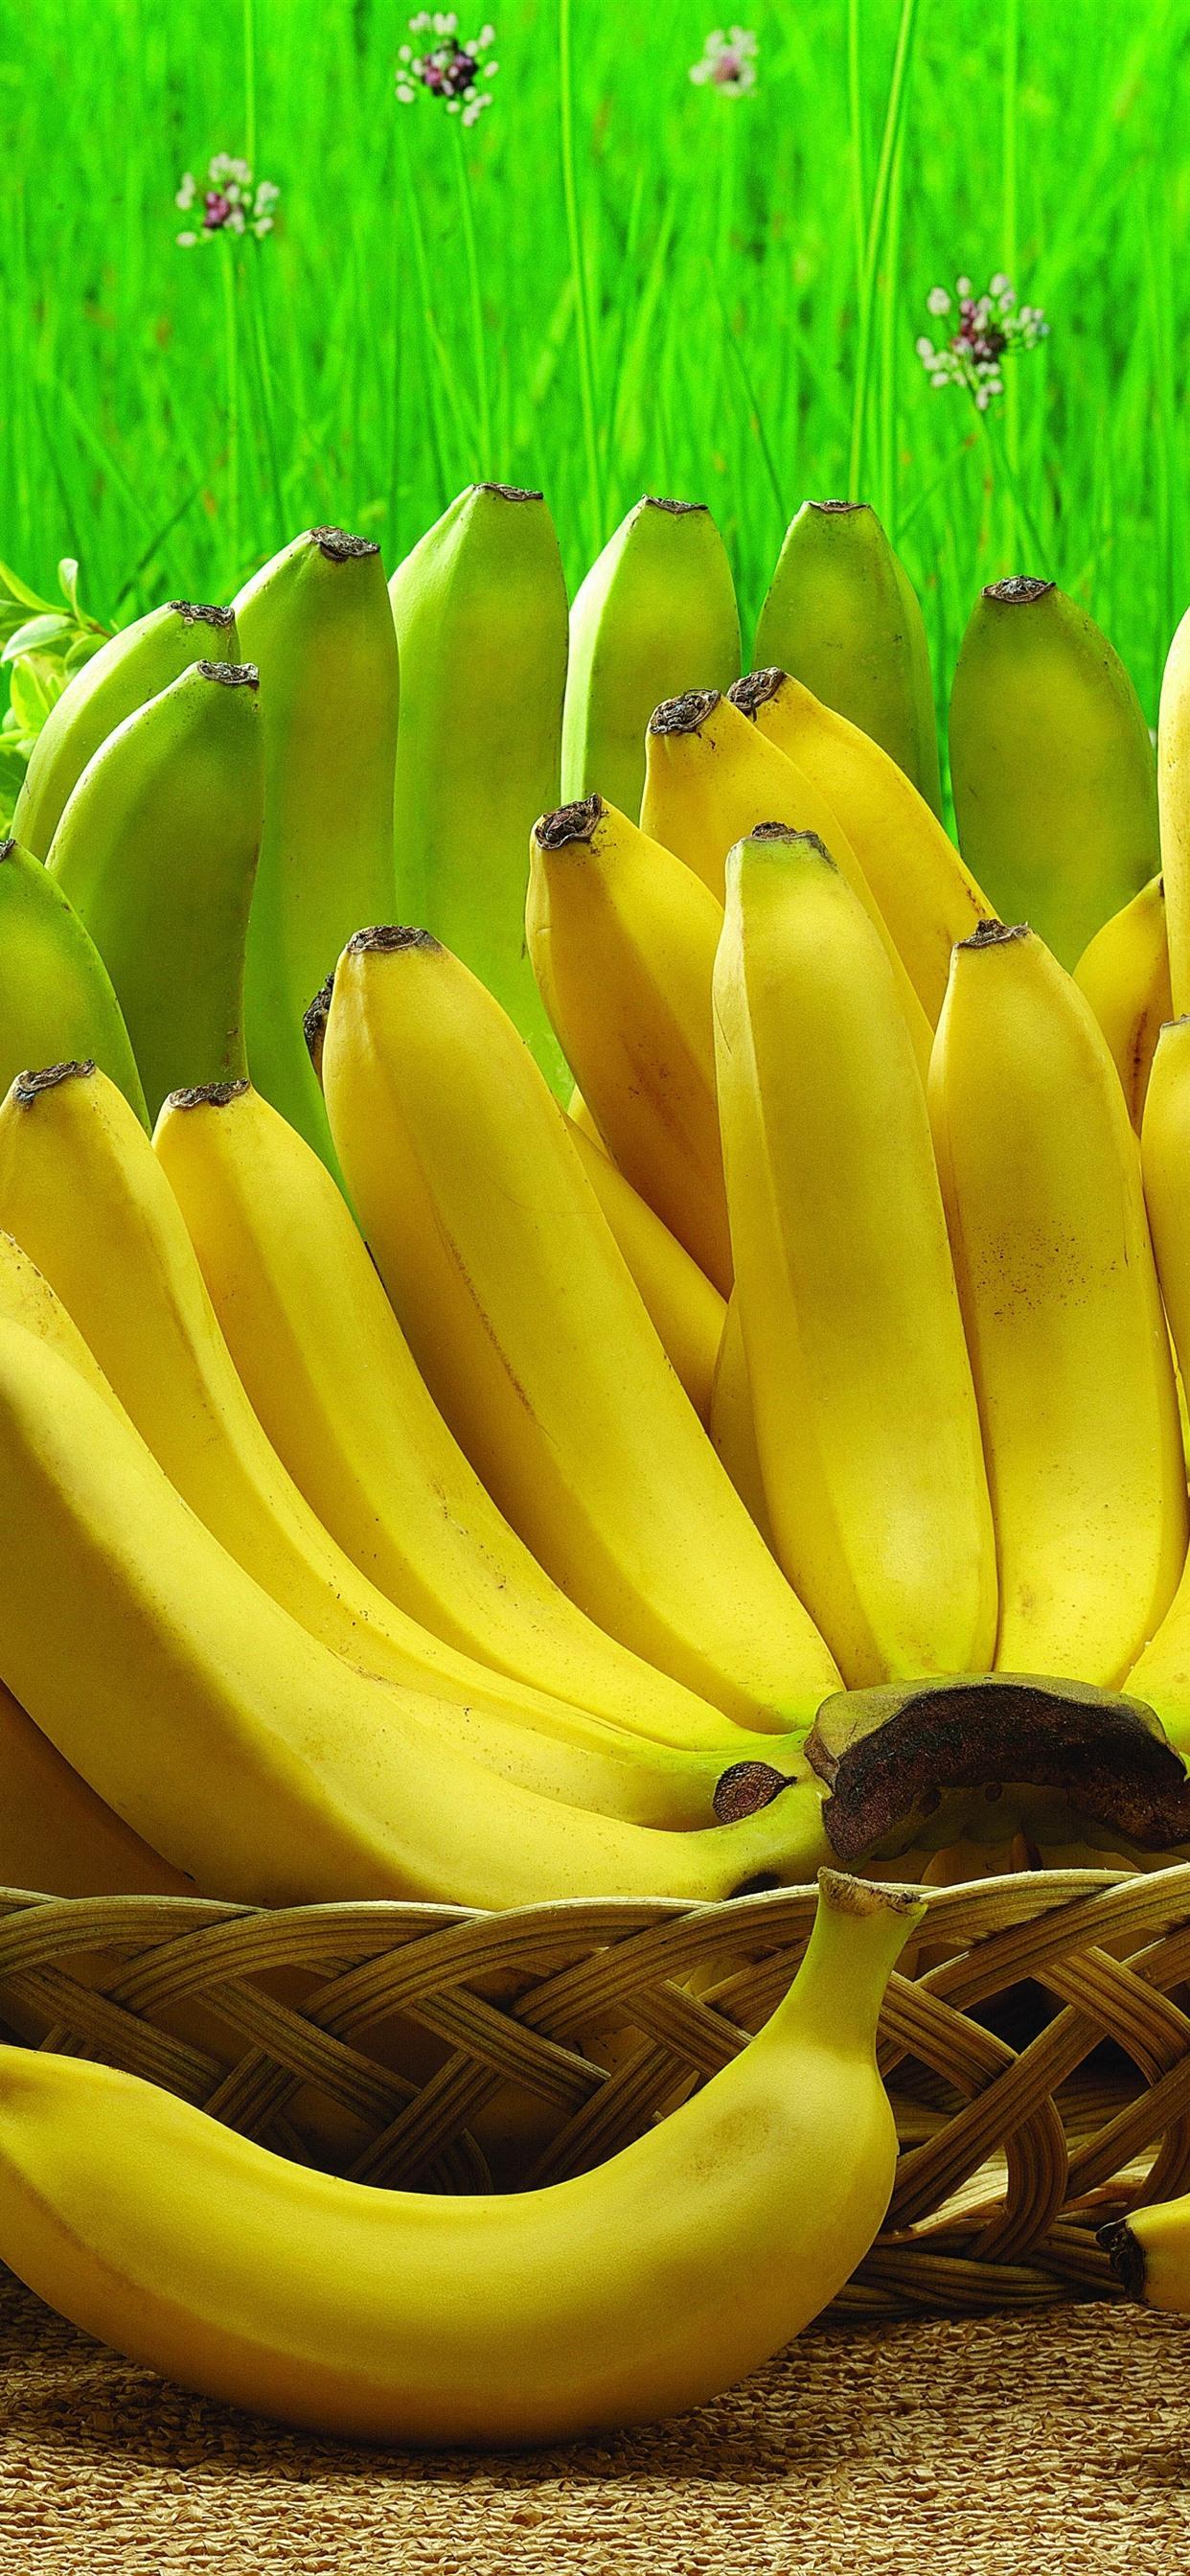 バナナ 果物 収穫 1242x2688 Iphone 11 Pro Xs Max 壁紙 背景 画像